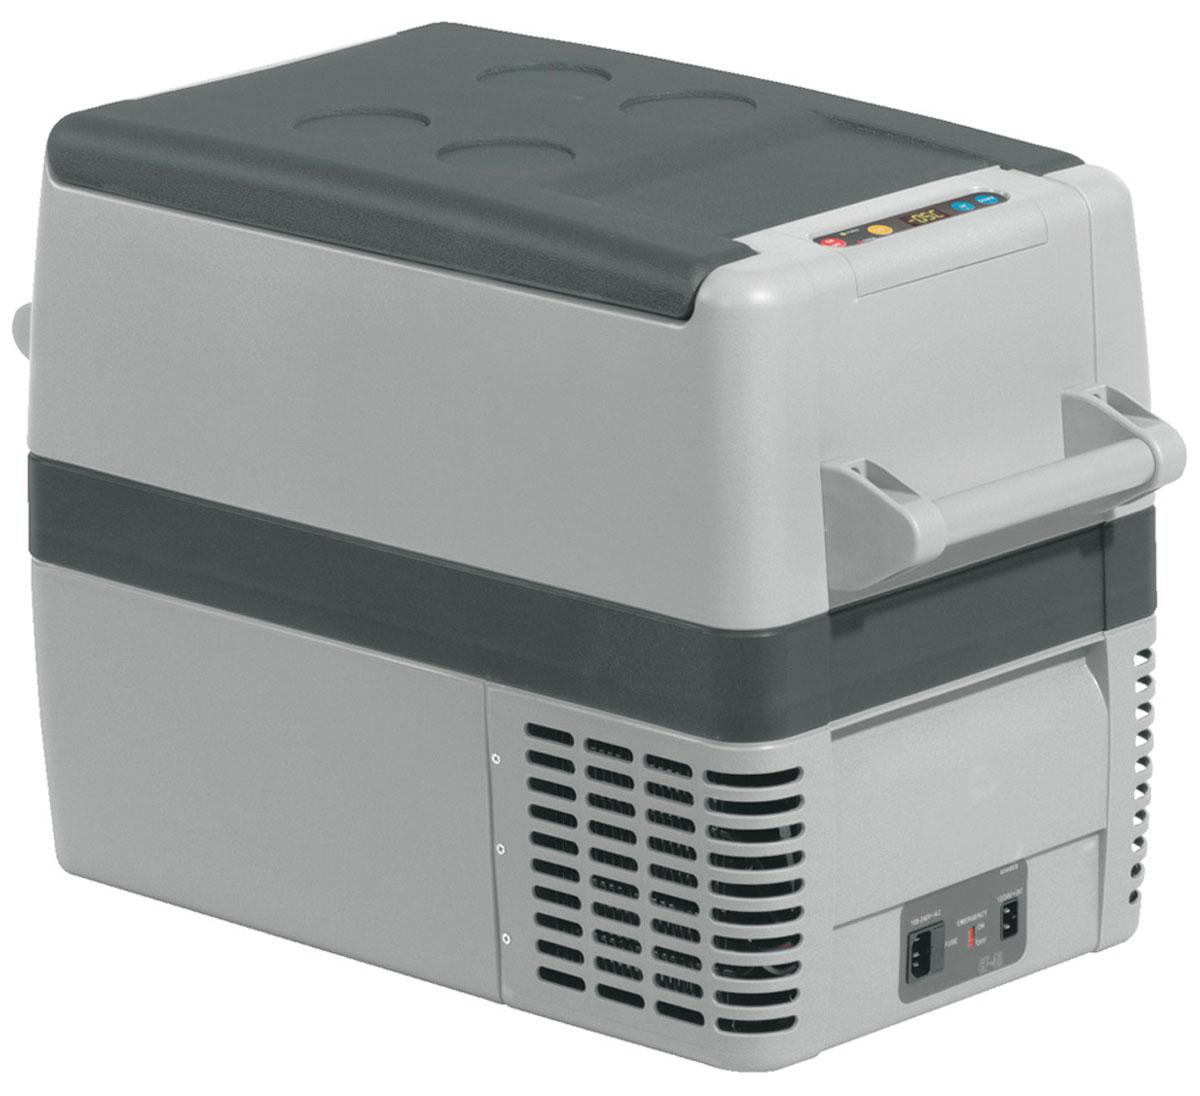 Waeco CoolFreeze CF-40 АС автохолодильник компрессорный 37 лCF-40АСАвтомобильный компрессорный холодильник Waeco CoolFreeze CF-40 АС предназначен для эксплуатации на отдыхе, в походах или путешествиях. Он оснащен уникальным маленьким герметичным компрессором переменного тока. Производителем также предусмотрена специальная защитная система от перепадов напряжения.Автомобильные холодильники от компании Waeco эффективно работают в любое время года, практичны и удобны в эксплуатации, а также отличаются прочностью и долговечностью.Быстрое охлаждение3-х ступенчатое защитное релеВнутреннее освещениеСъемная крышкаОхлаждение: от +10 до -18°СВынимающаяся корзина